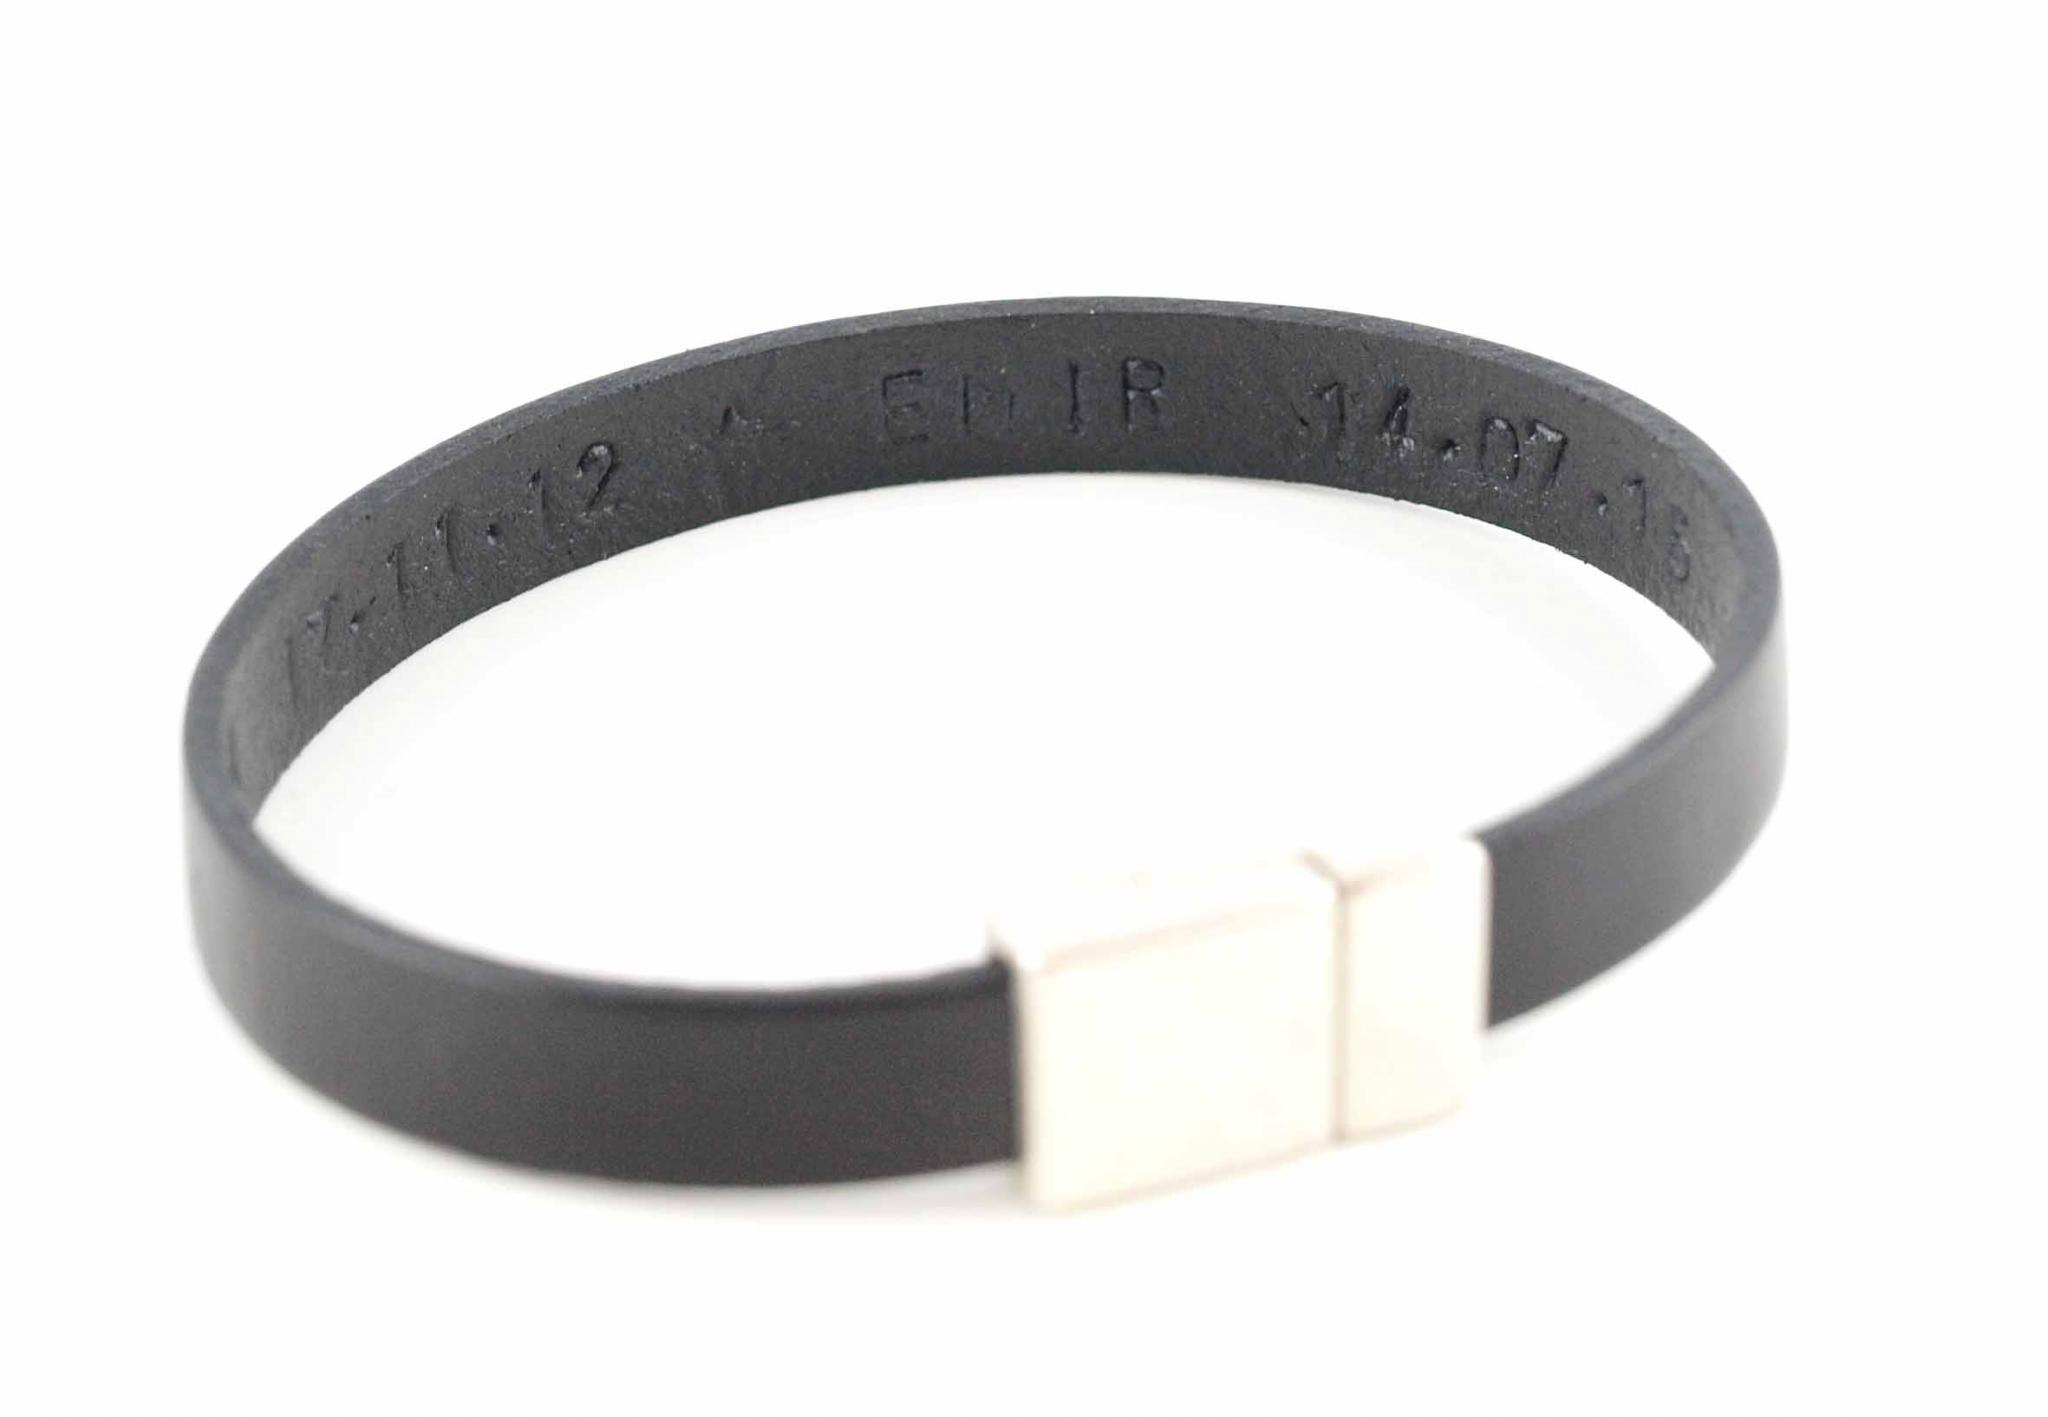 reich und großartig farblich passend Größe 40 Paul der I. - Herrenarmband aus Leder Gravur, Wunschtext auf der Innenseite  möglich